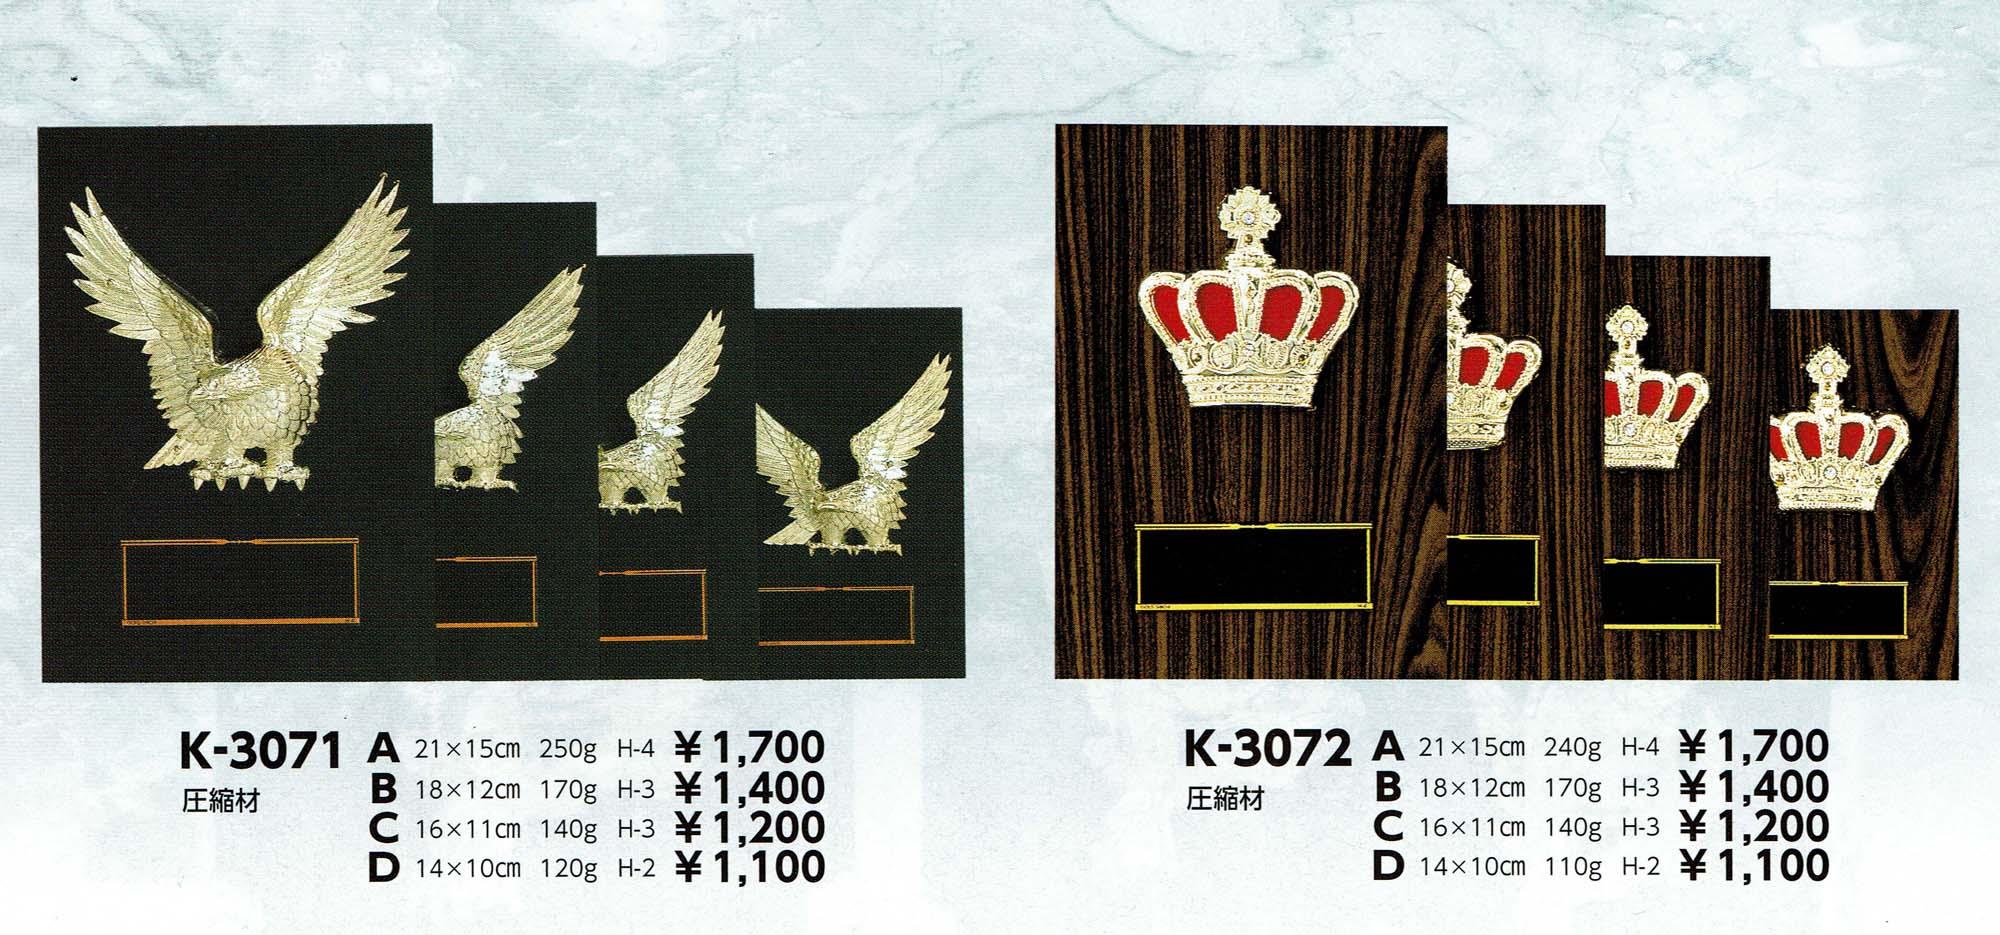 K3071、K3072